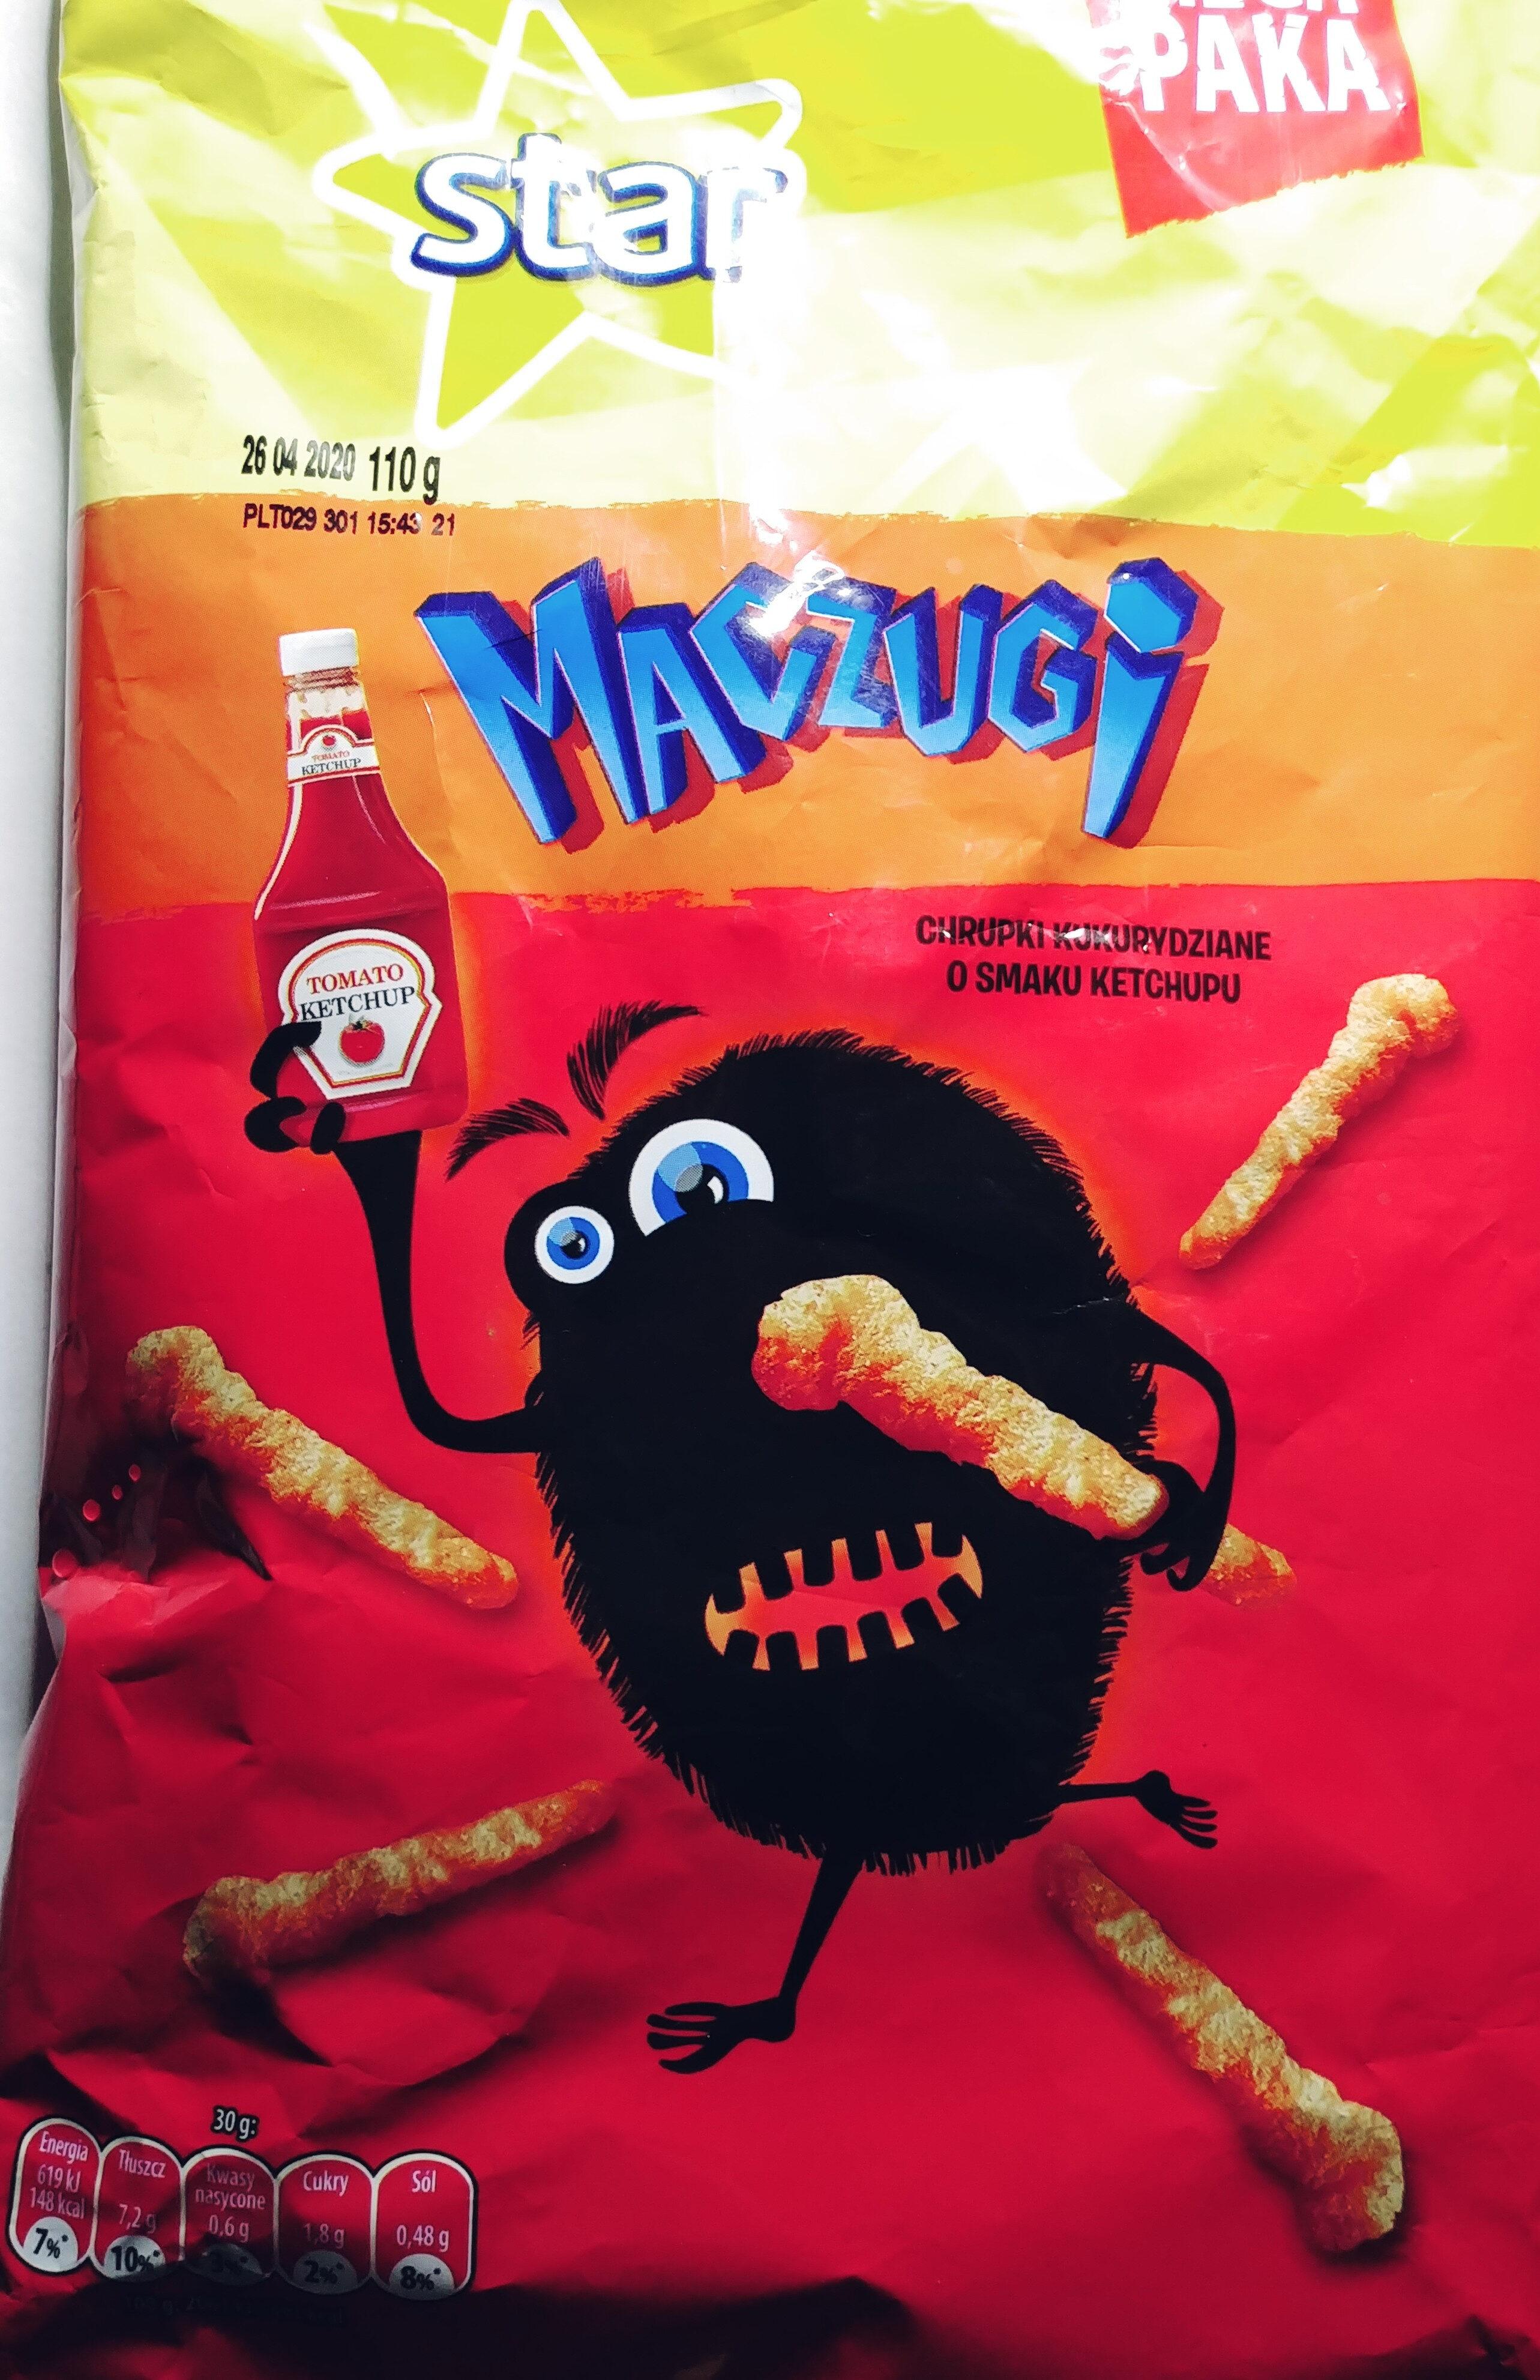 Chrupki kukurydziane o smaku ketchupu - Product - pl